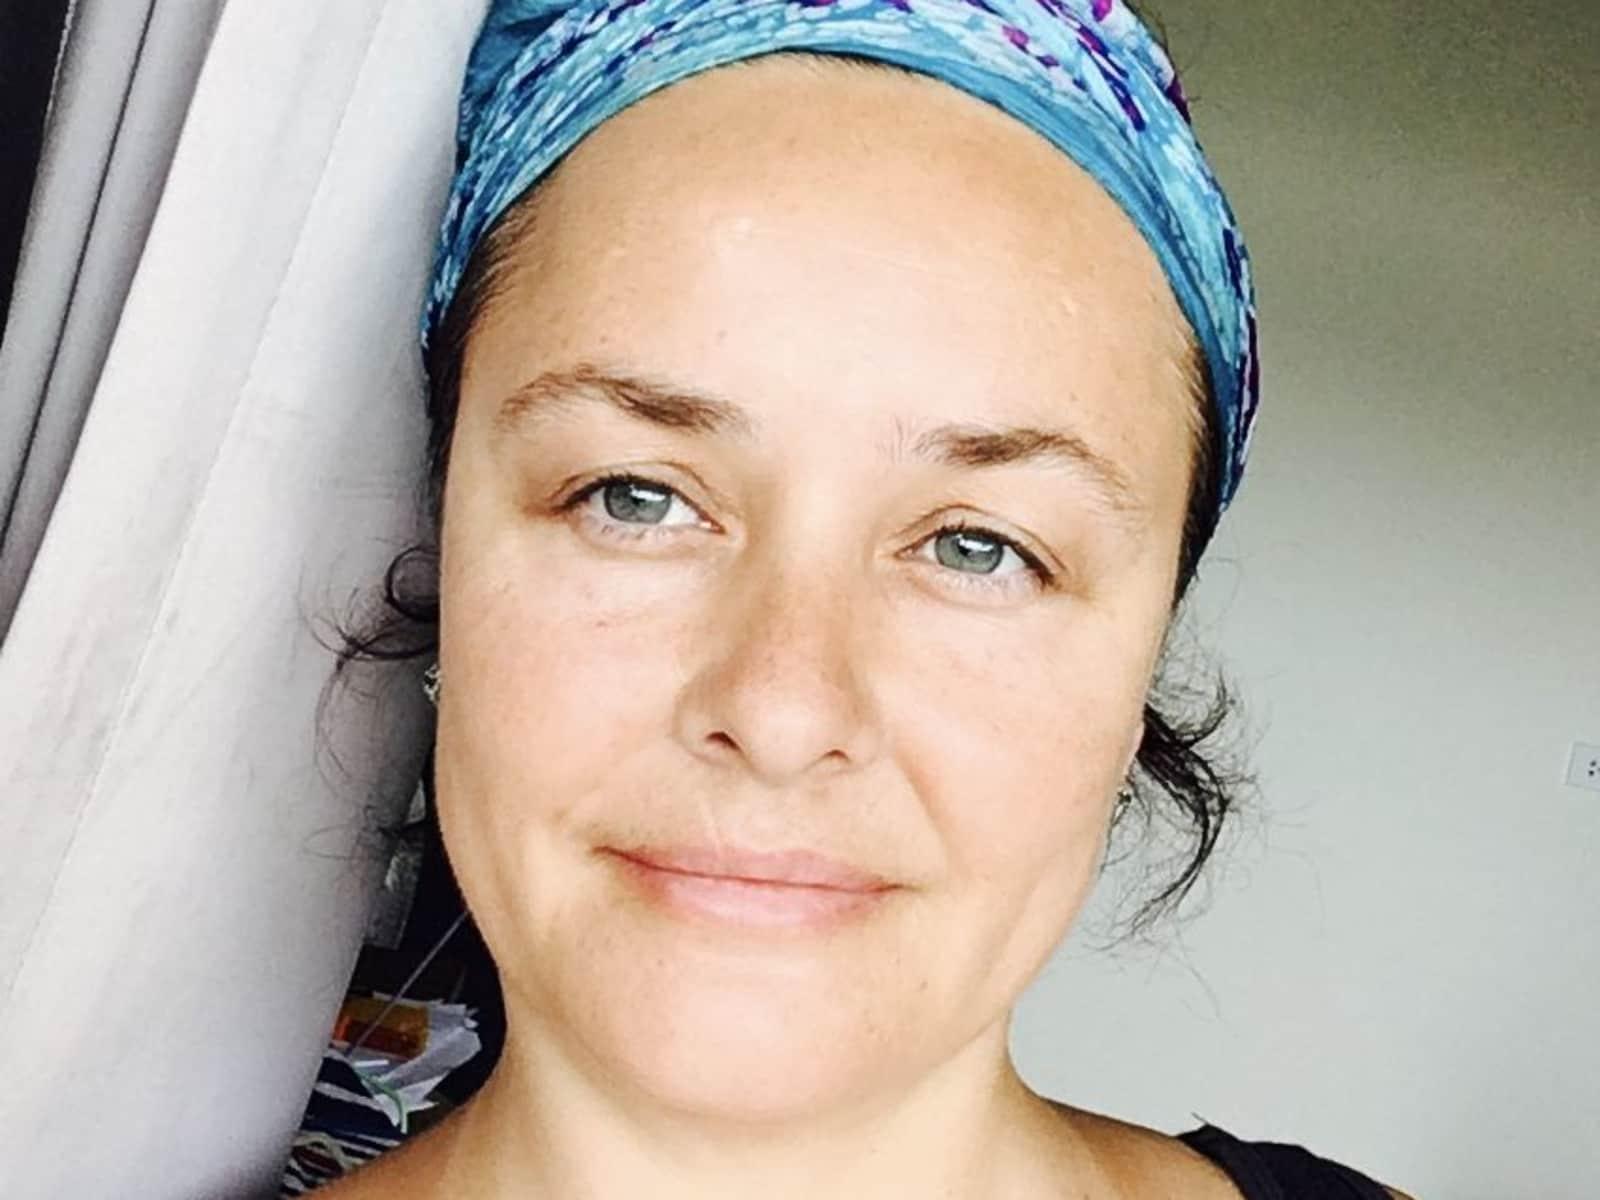 Amanda from Bern, Switzerland